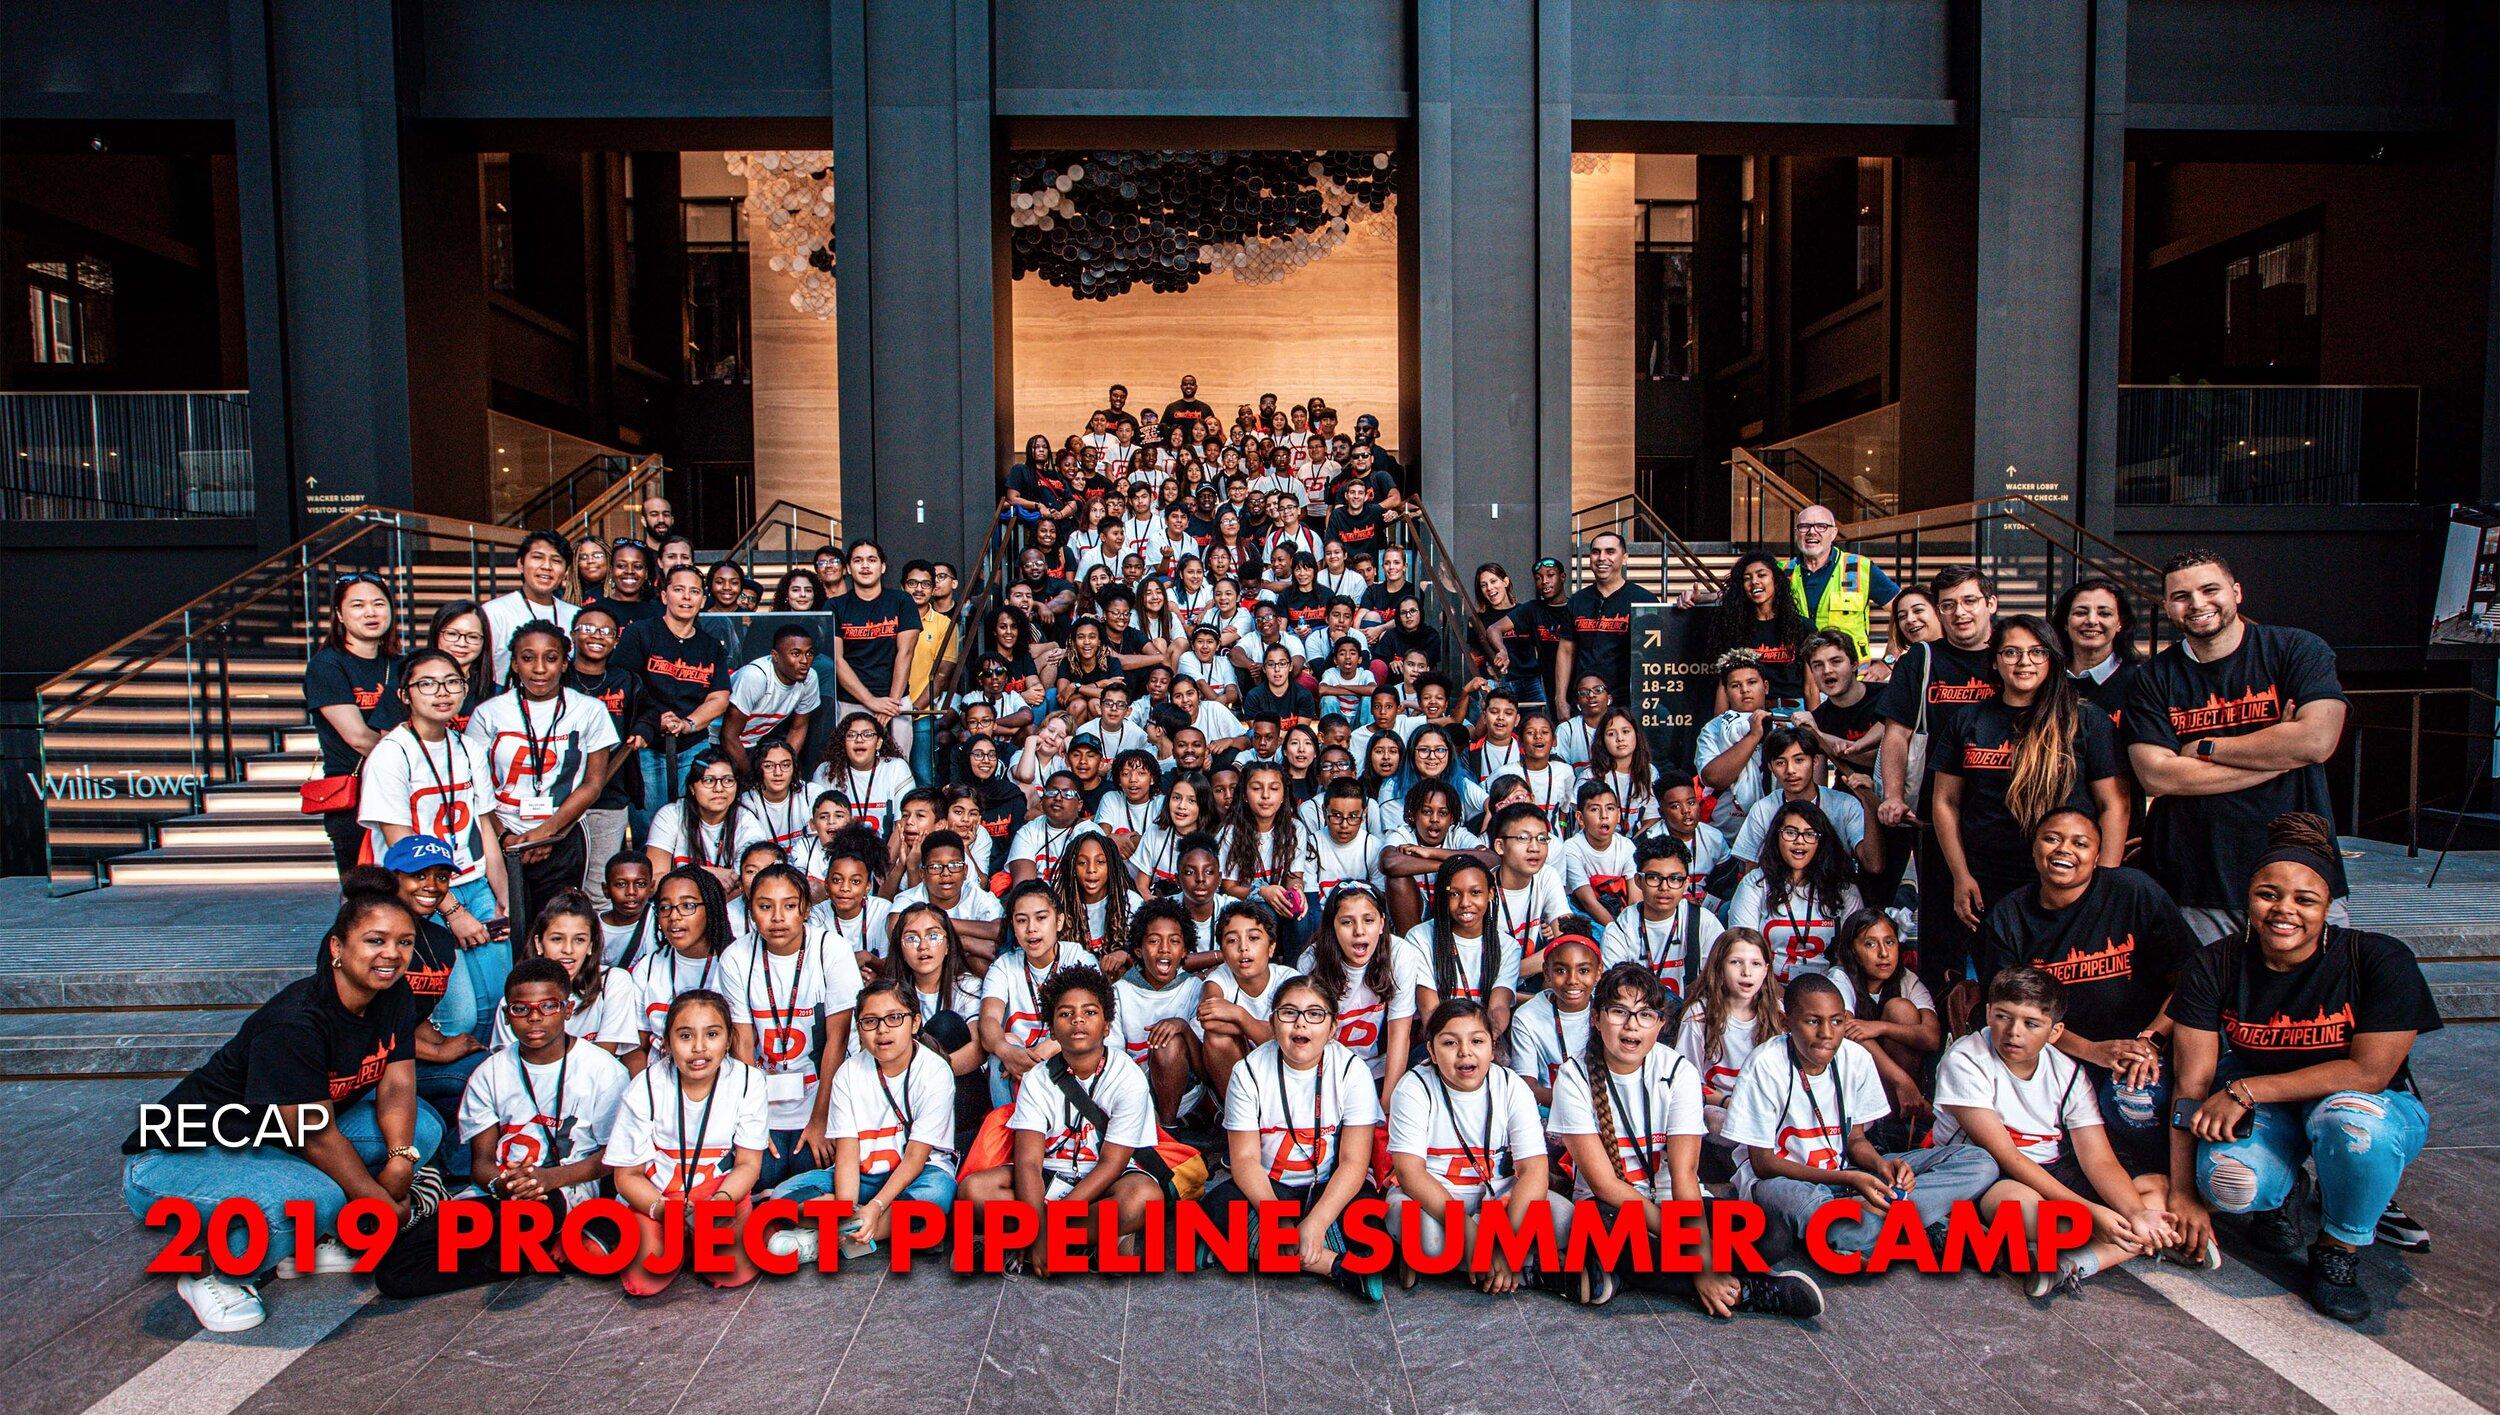 PP Summer Camp Recap.jpg